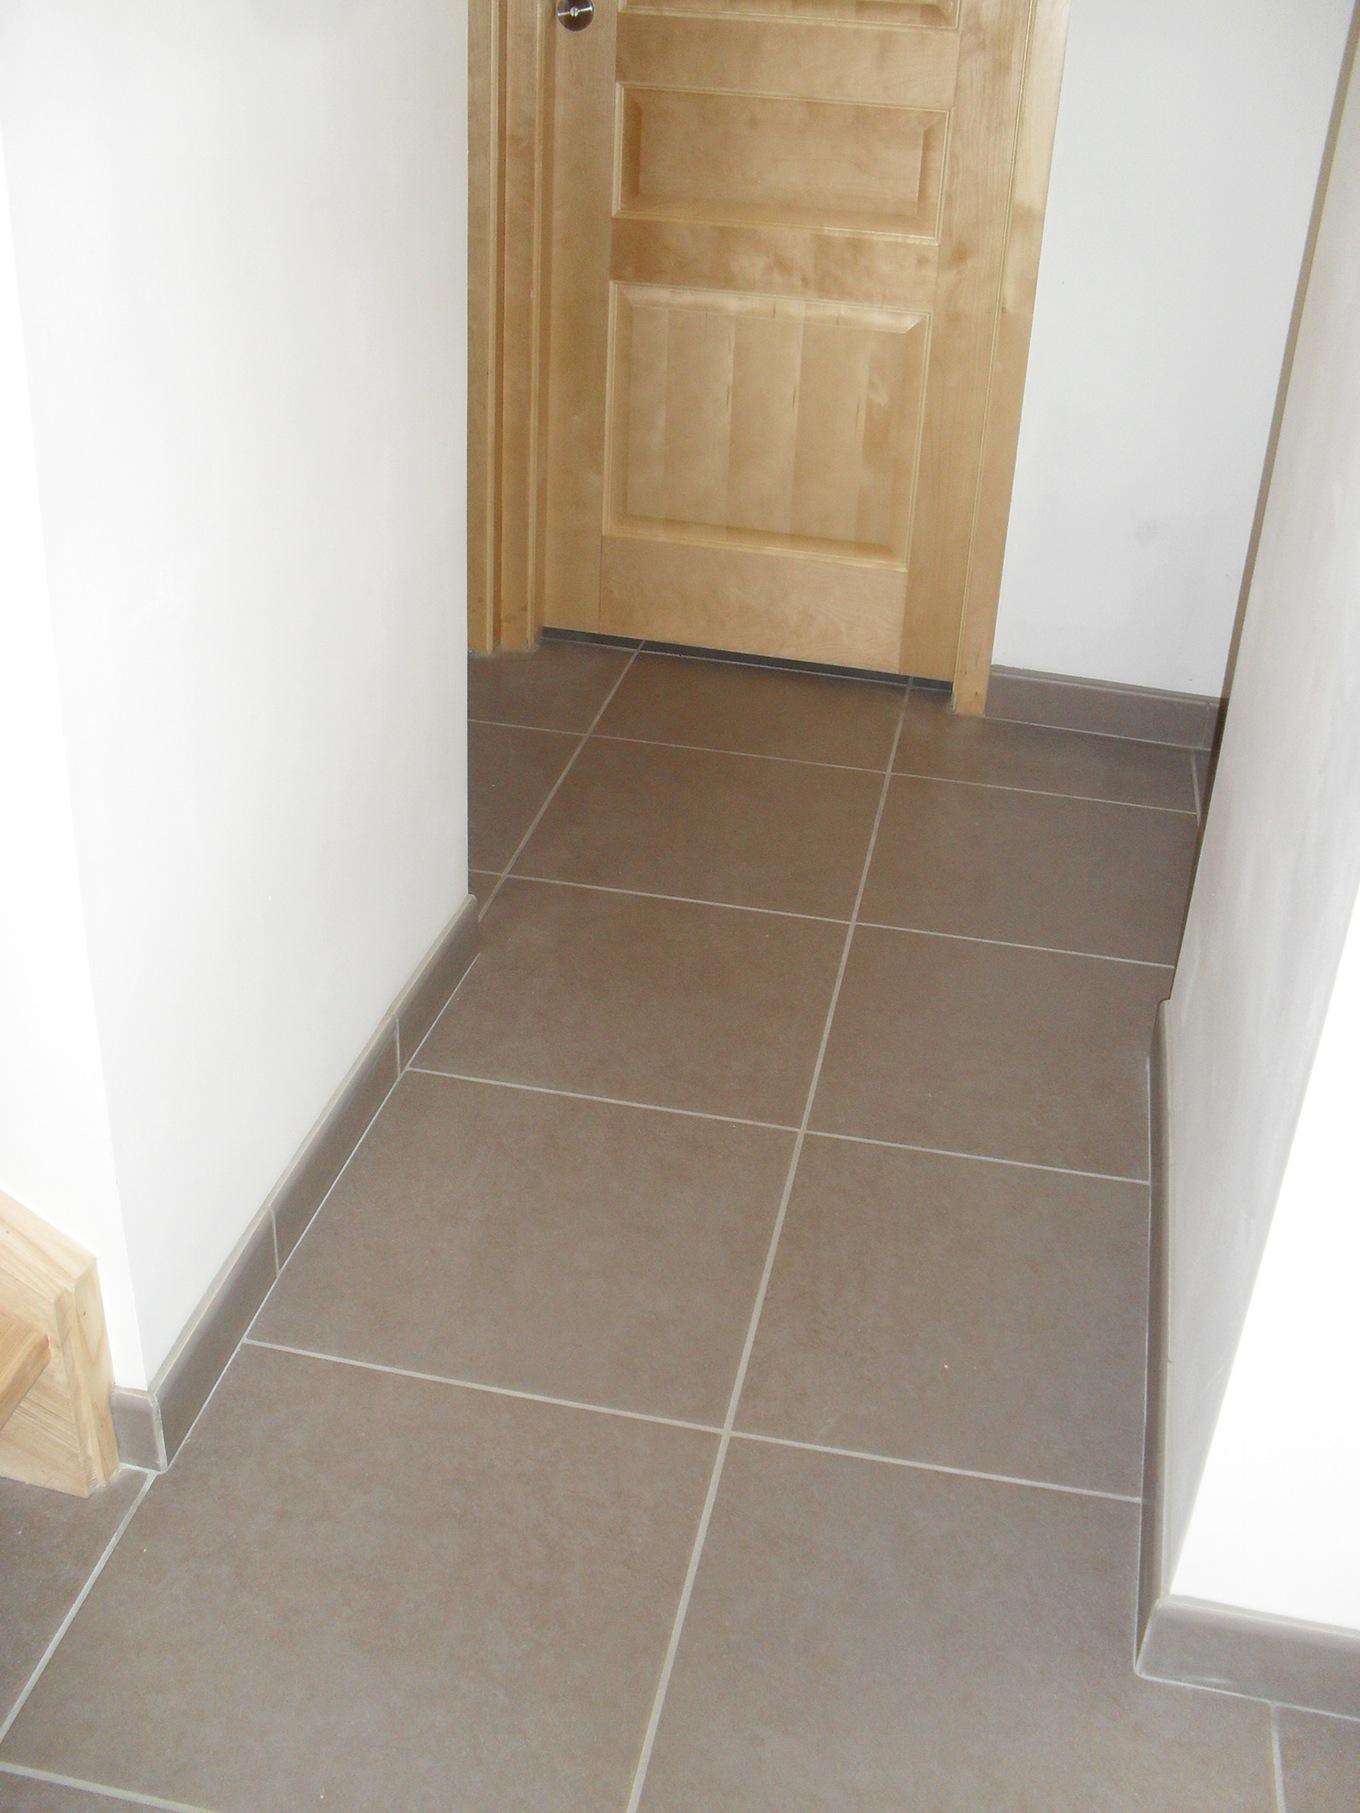 Castorama joint carrelage gris - Idée de maison et déco